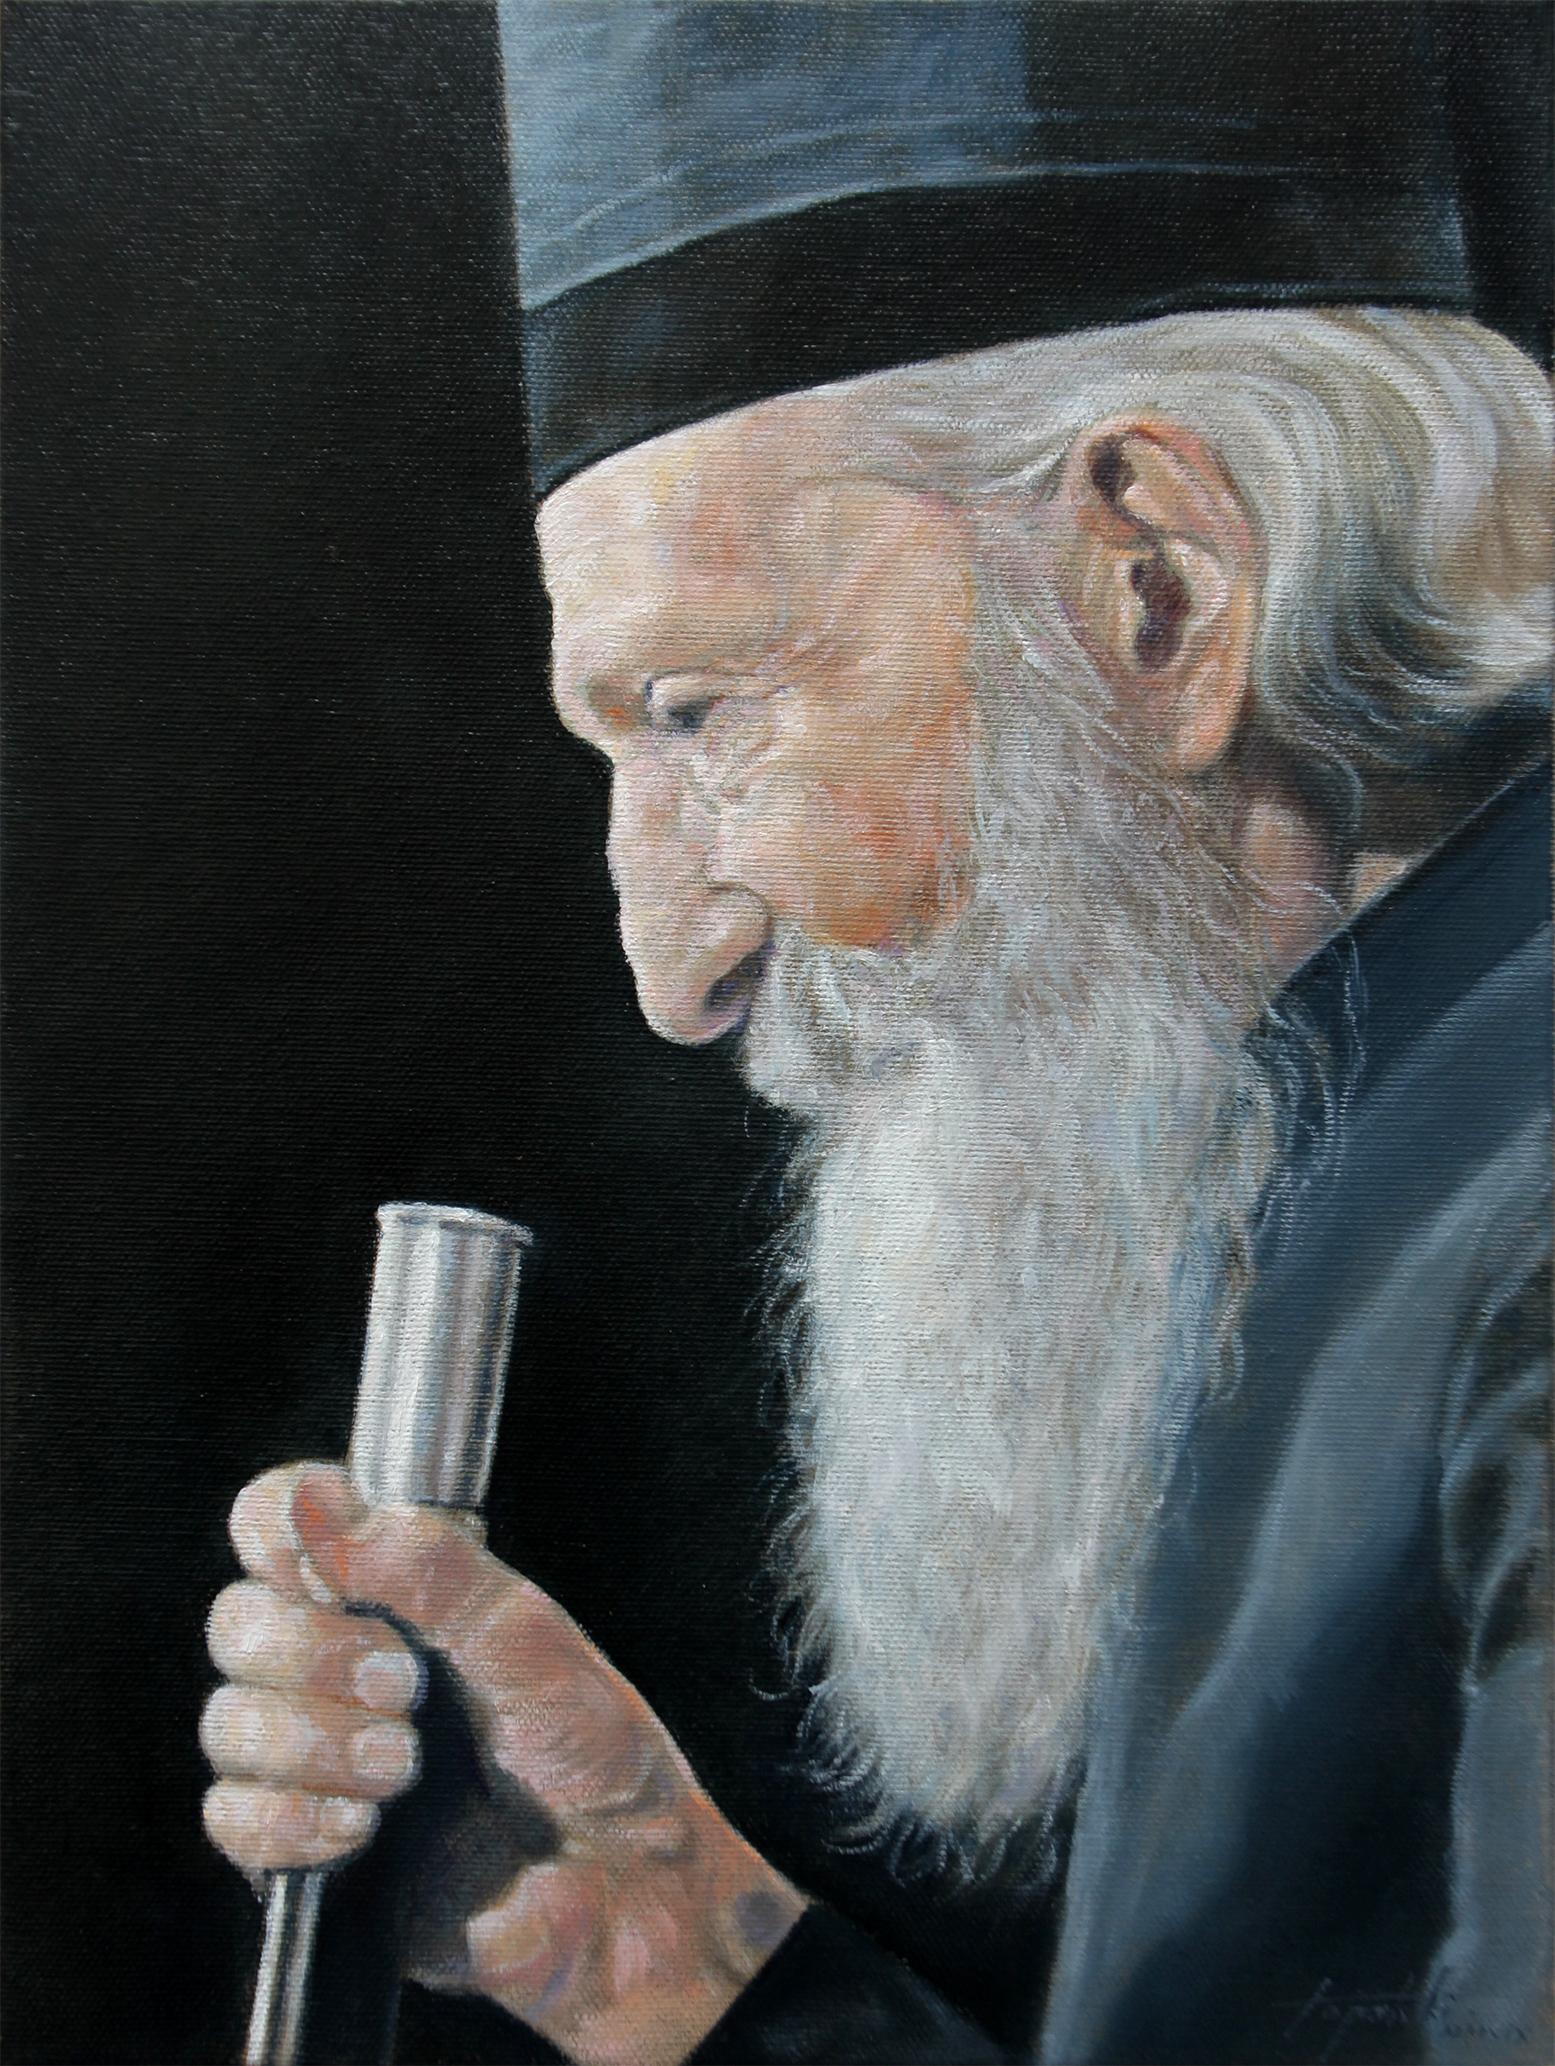 Патријарх Павле - уље на платну 40x30цм, 2019. аутор - сликар Дарко Топалски